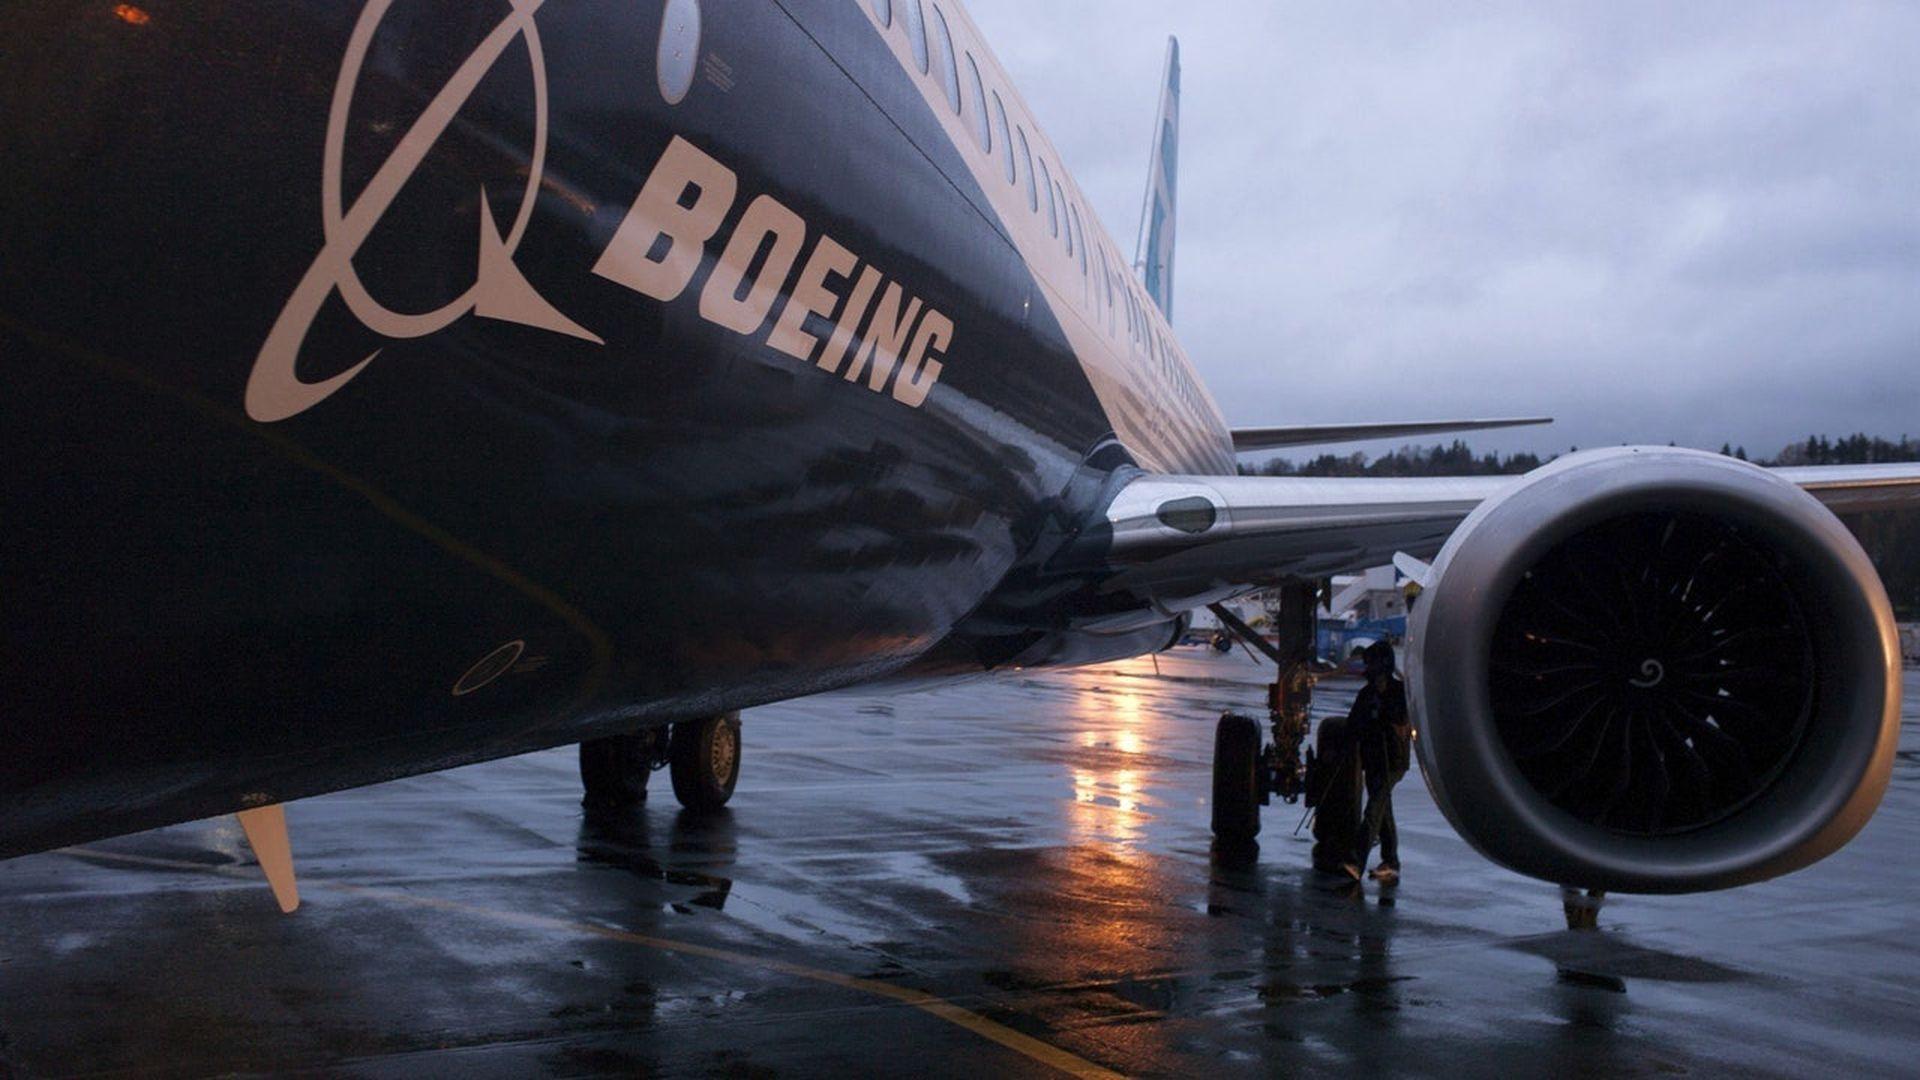 與瑞安航空談判破裂 波音損失歐洲最大客户